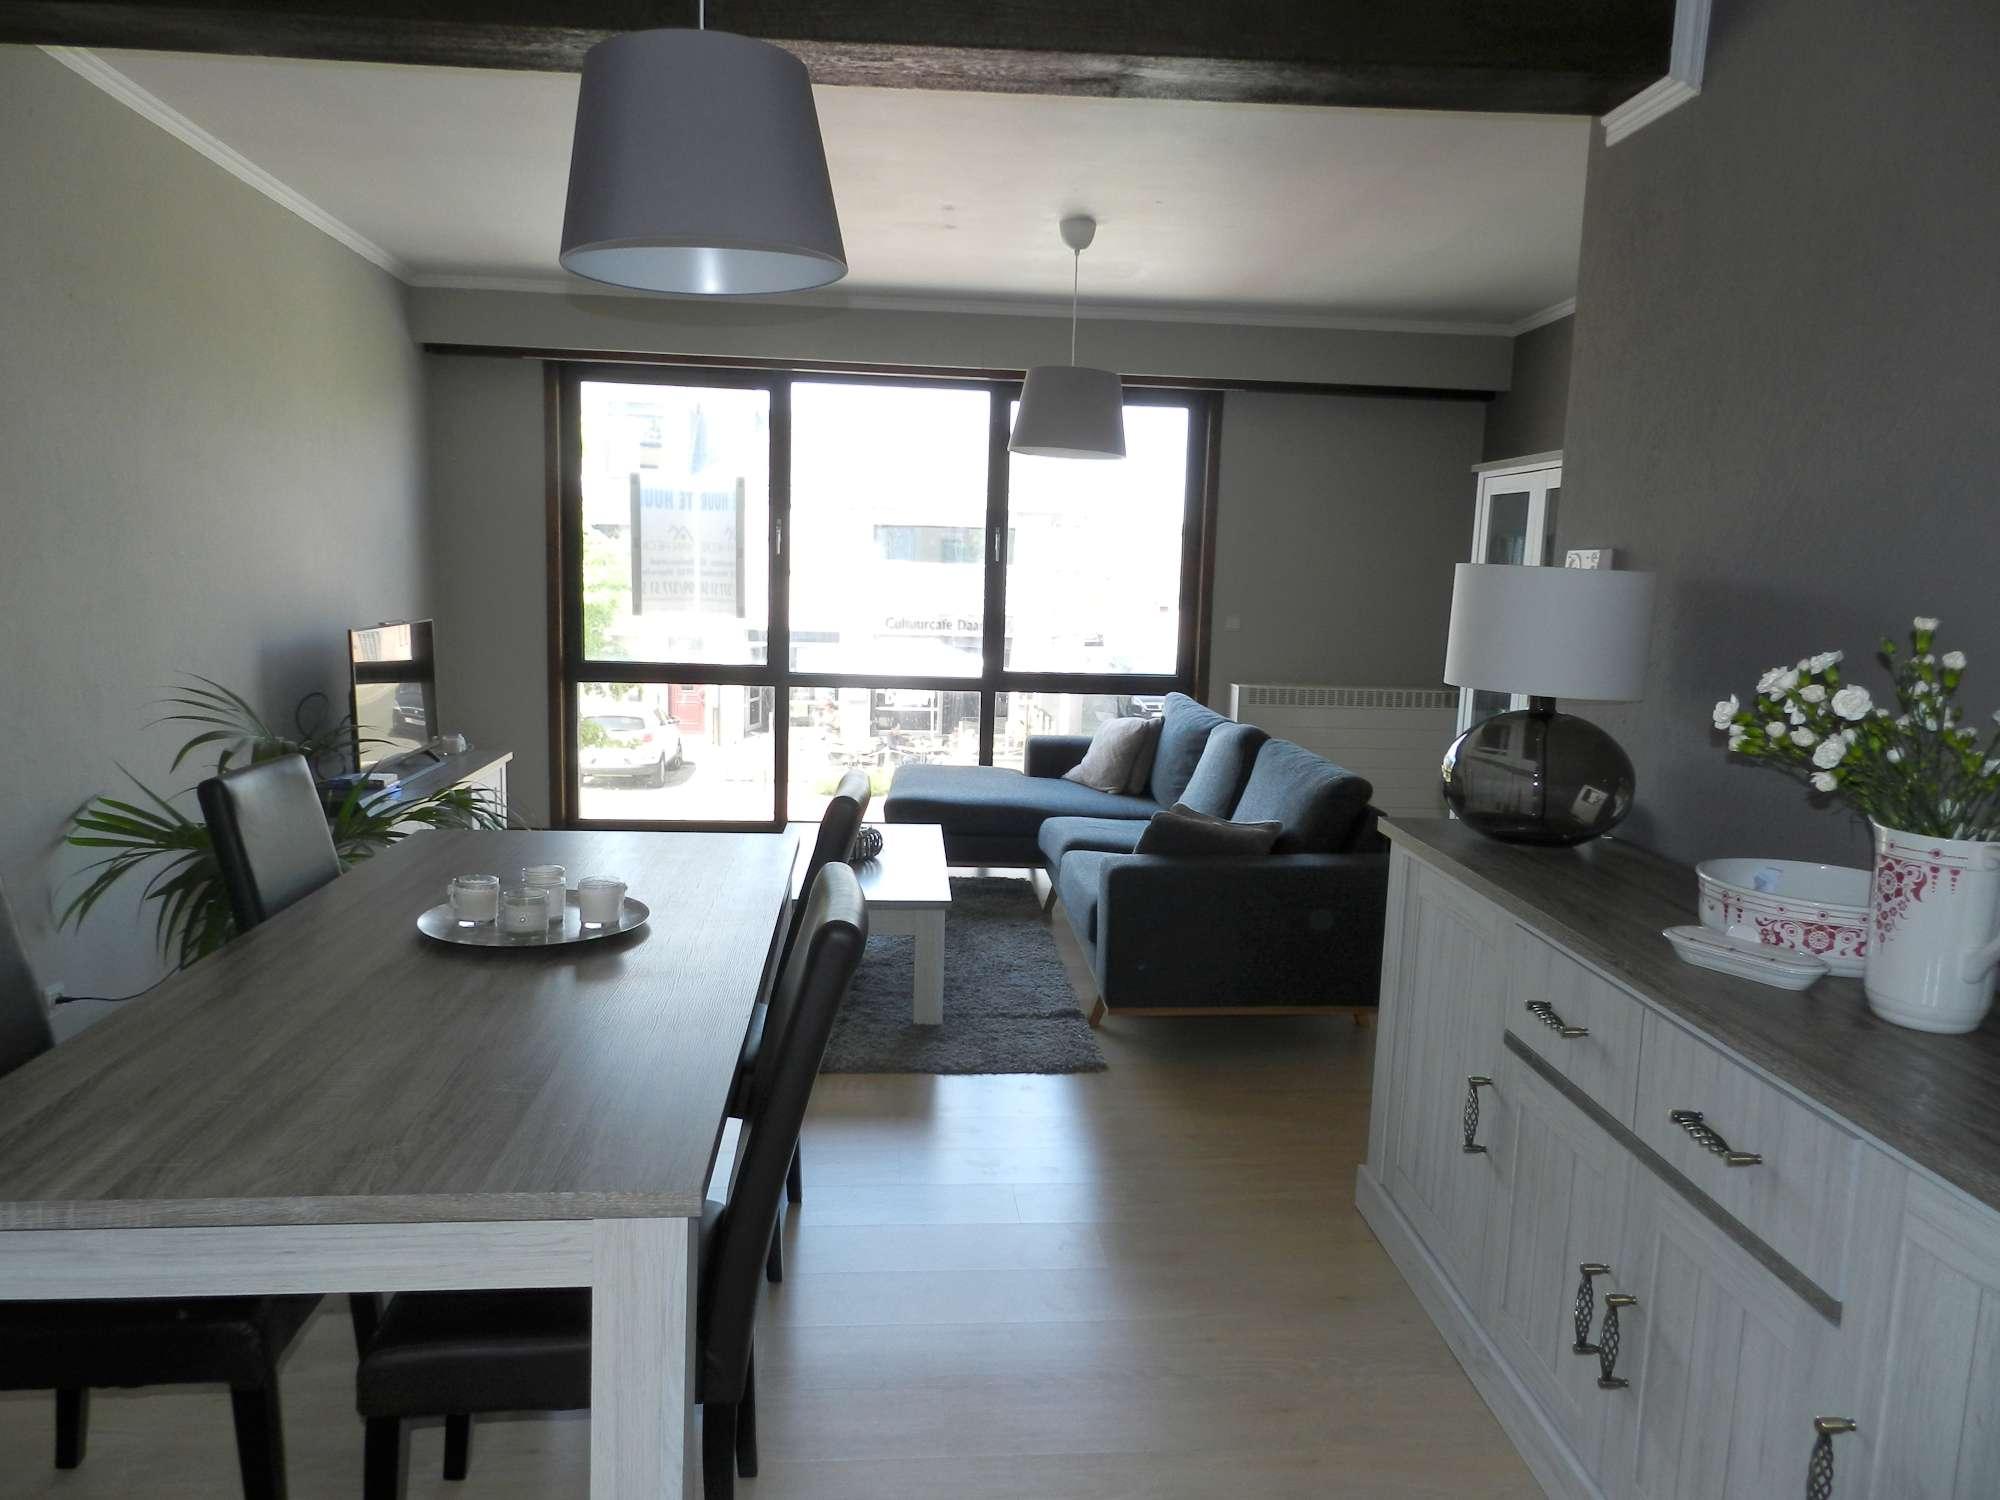 TE HUUR  Appartement – 2 slaapkamers Stationsstraat 104 – Waarschoot